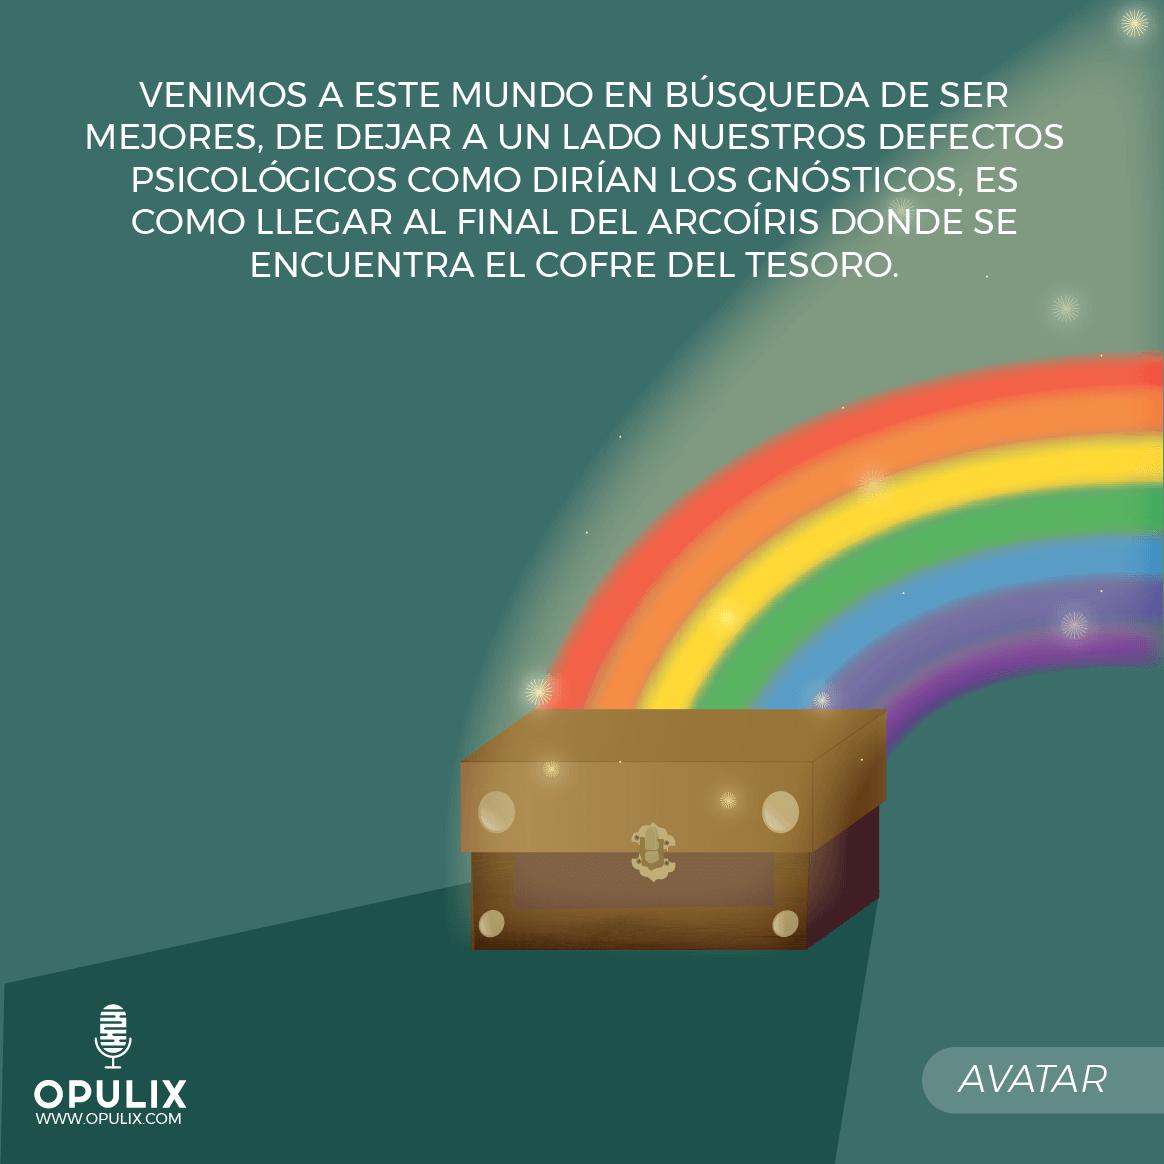 Llegar al final del arcoíris donde se encuentra el cofre del tesoro